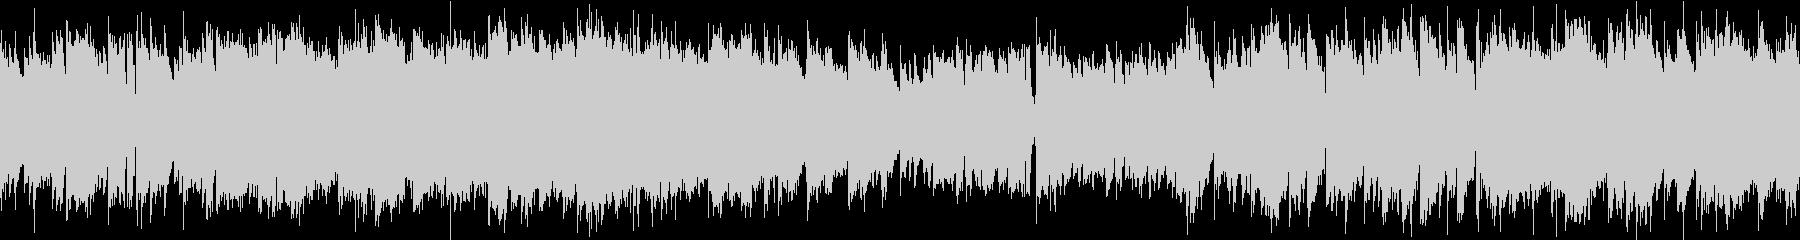 ピアノと弦楽器のキレイめ(ループ可)の未再生の波形